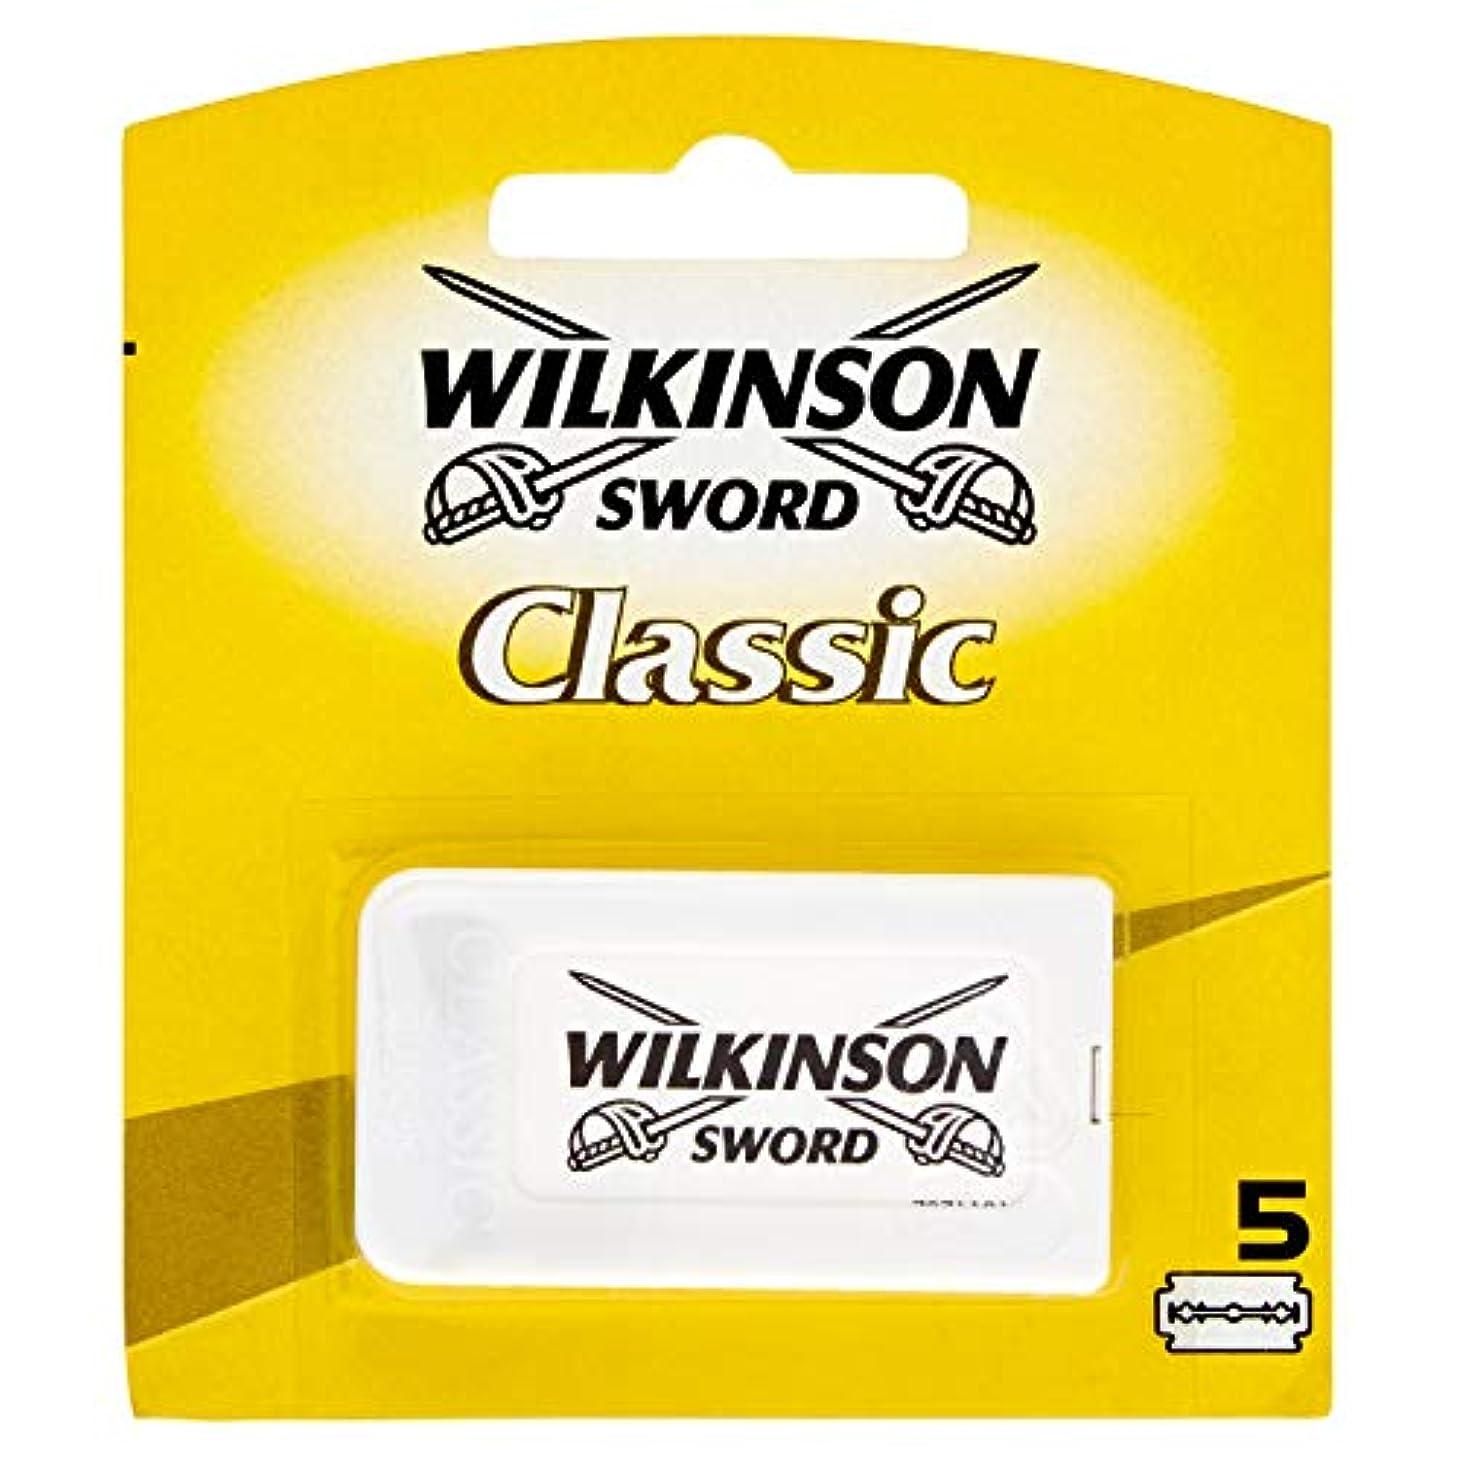 ネクタイ優しいにはまってWilkinson Sword(ウィルキンソンソード) Classic 両刃替刃 5個入り [並行輸入品]